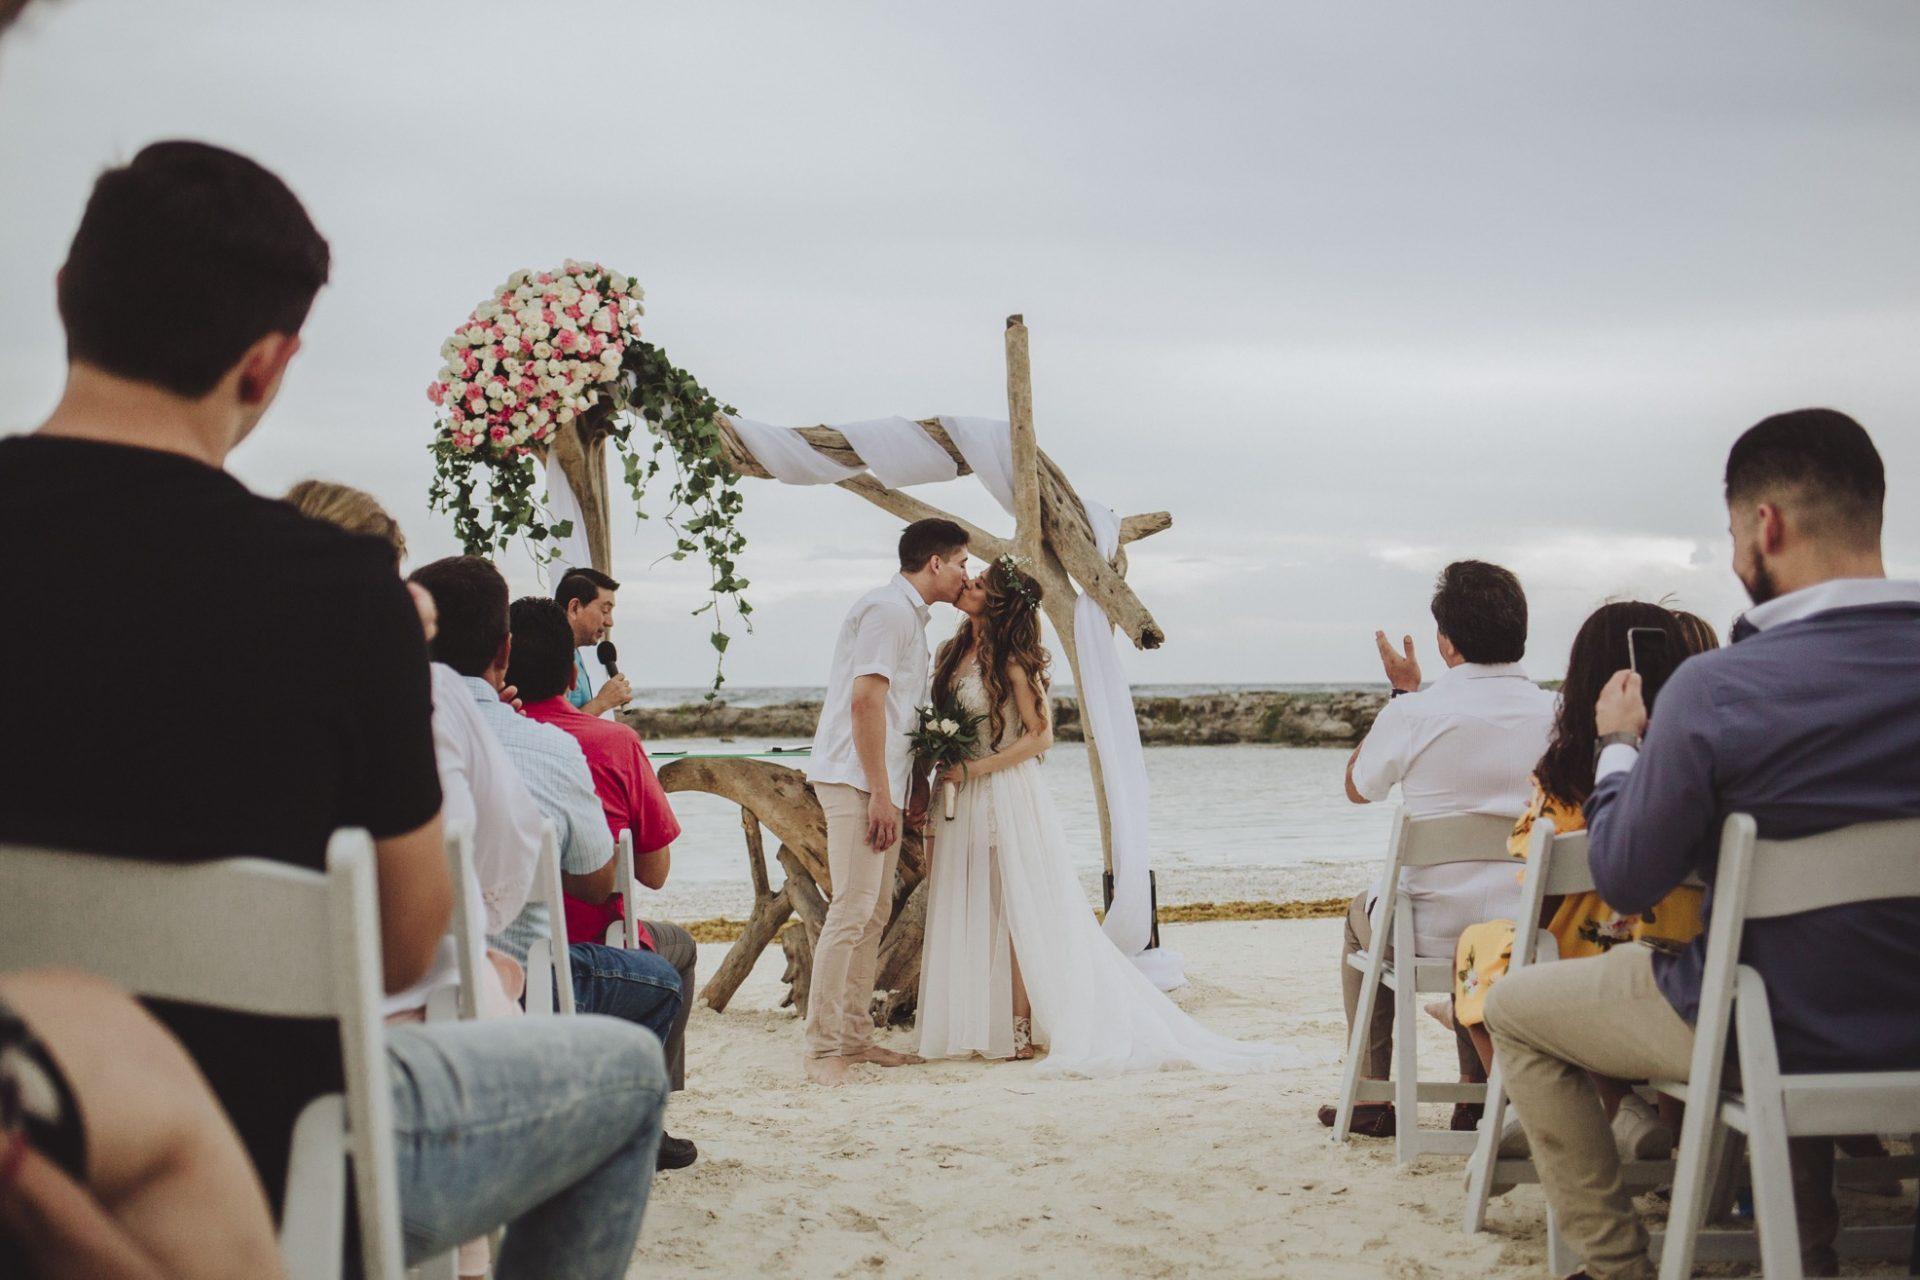 fotografo_bodas_profesional_zacatecas_riviera_maya_cancun-67